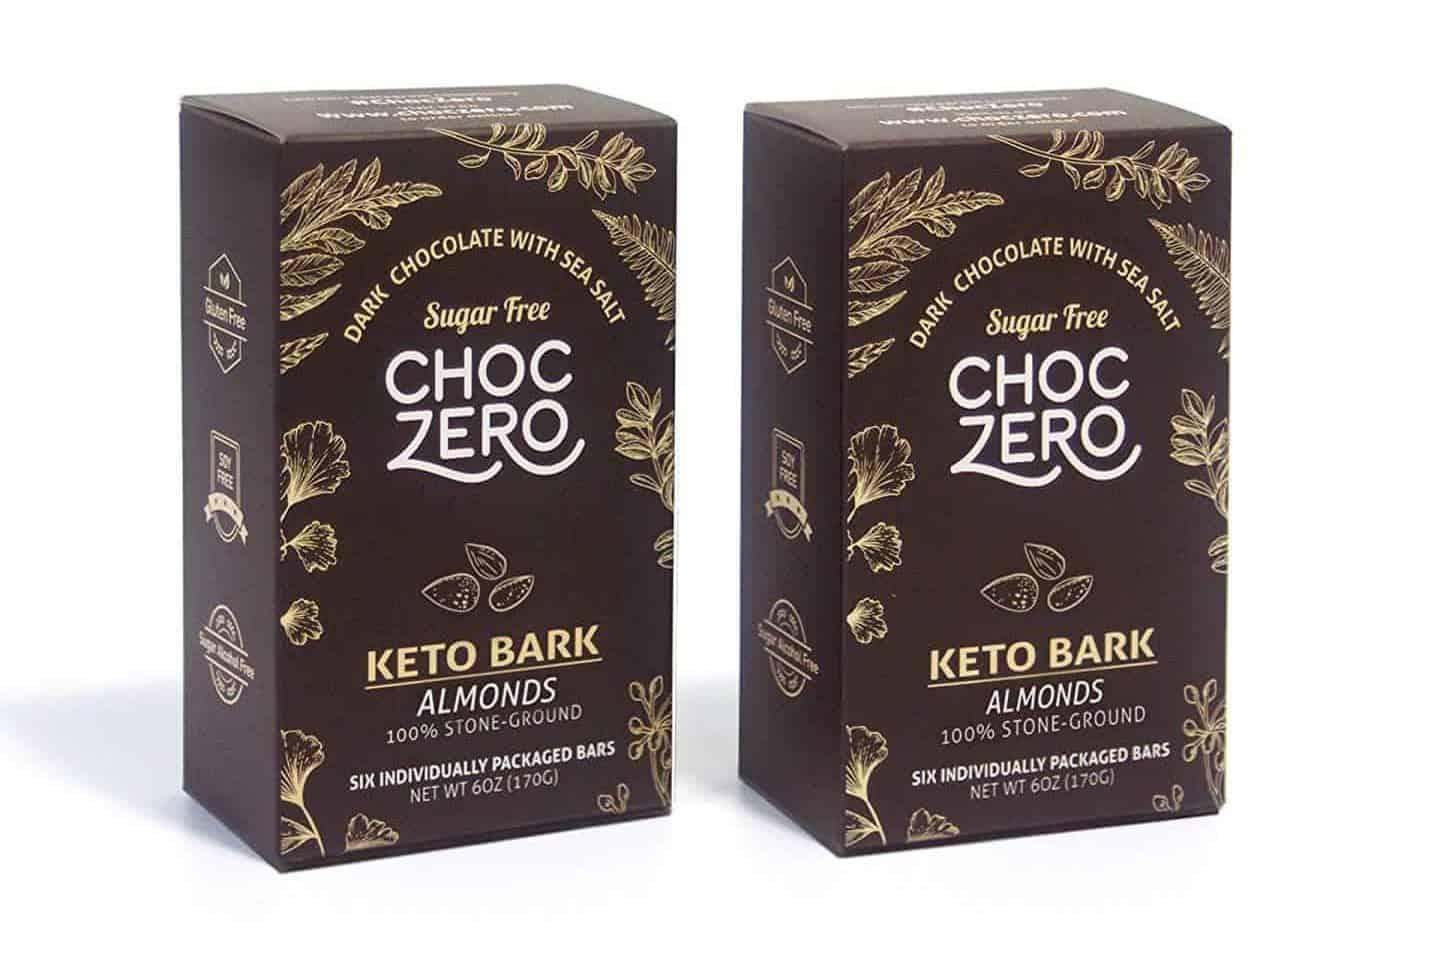 ChocZero Sugar-Free Chocolate